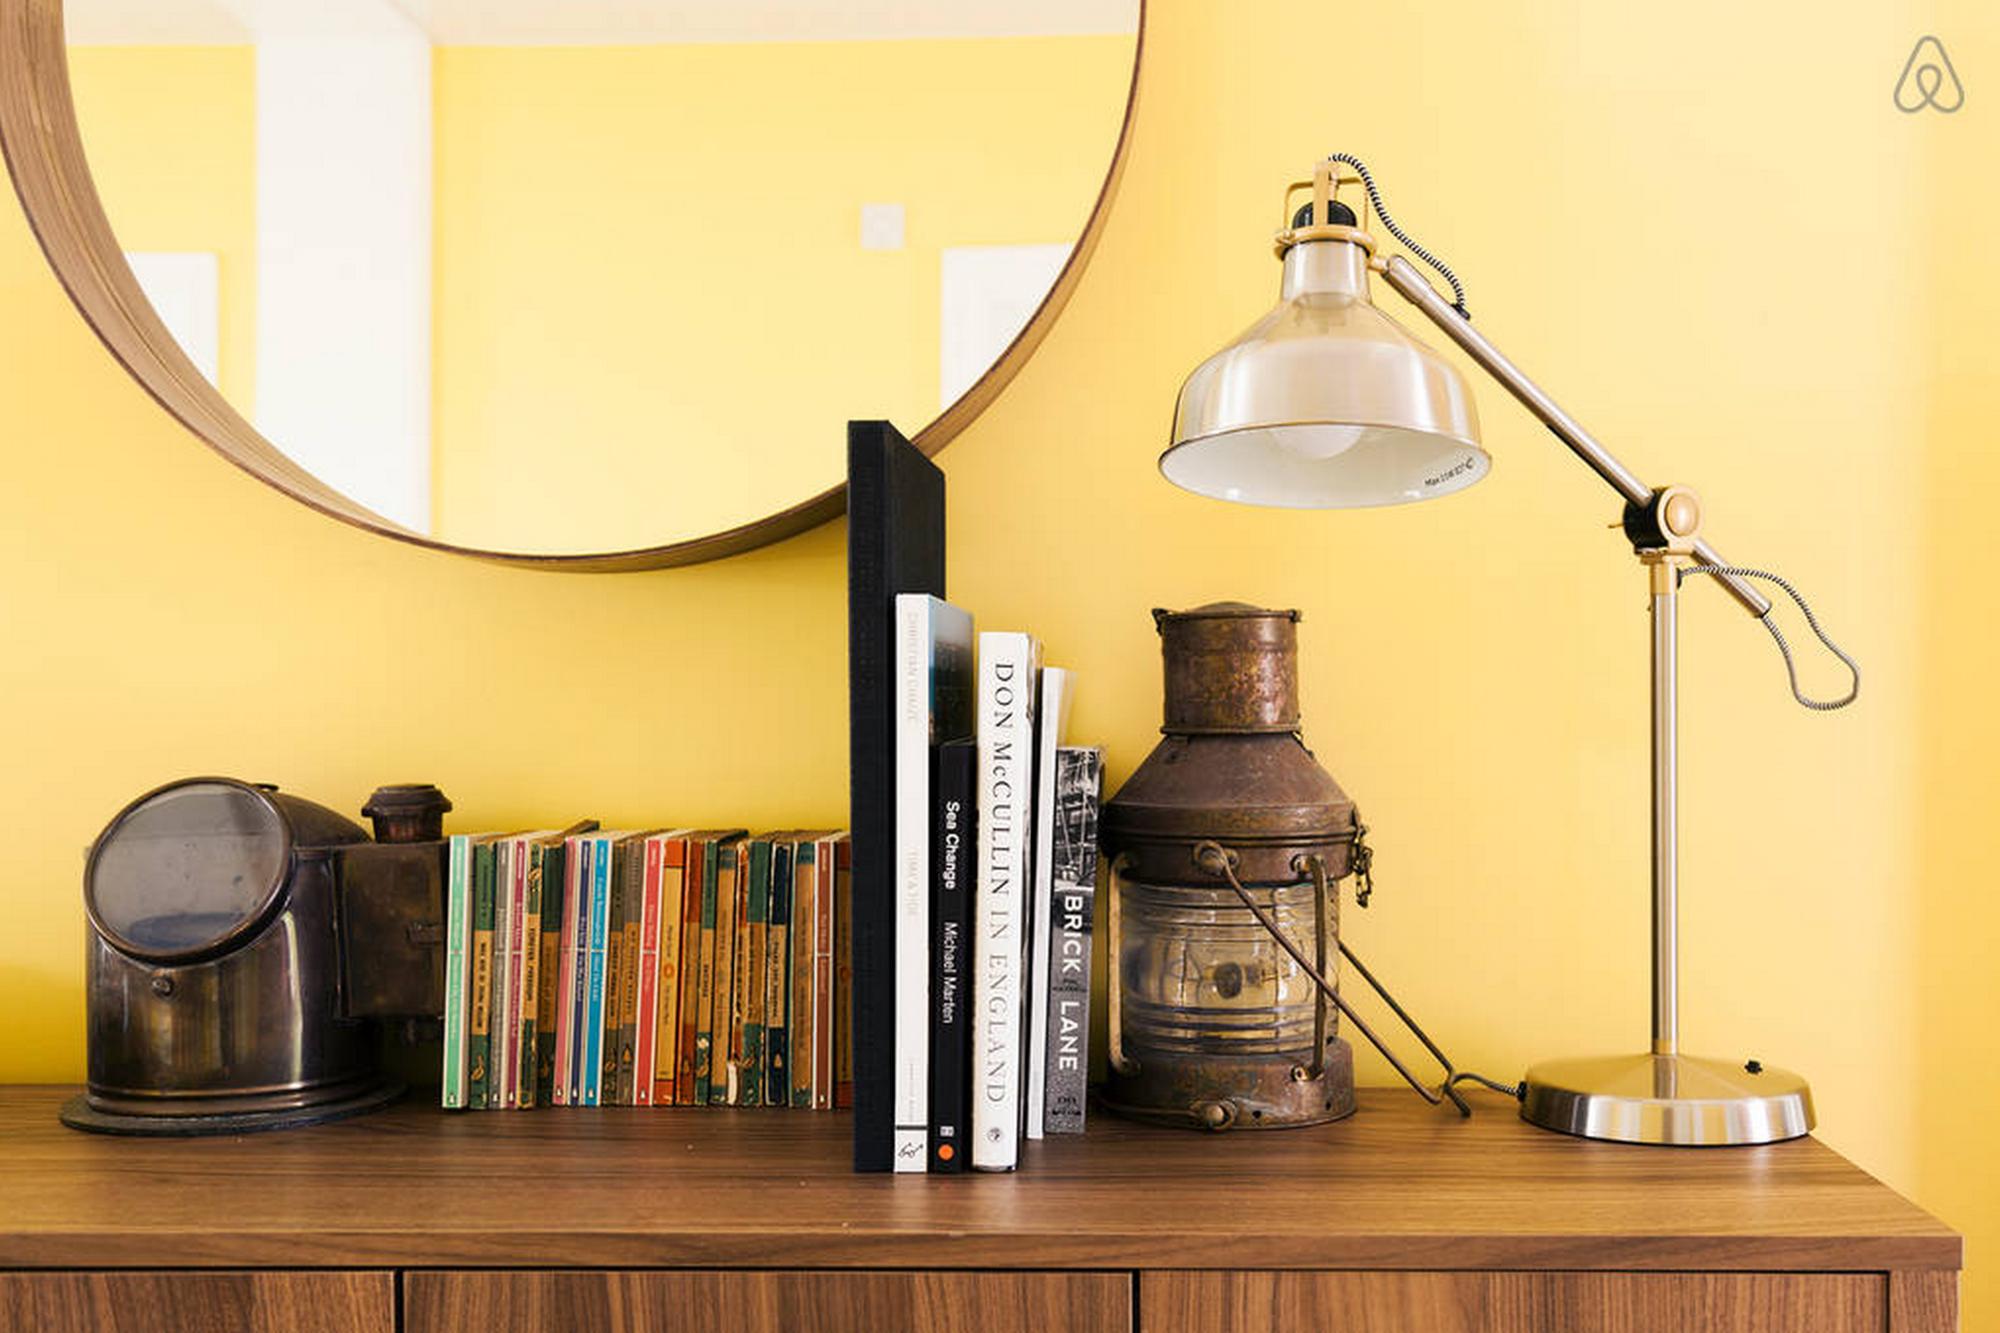 La casa flotante está lleno de toques hogareños. Imagen cortesía de Airbnb